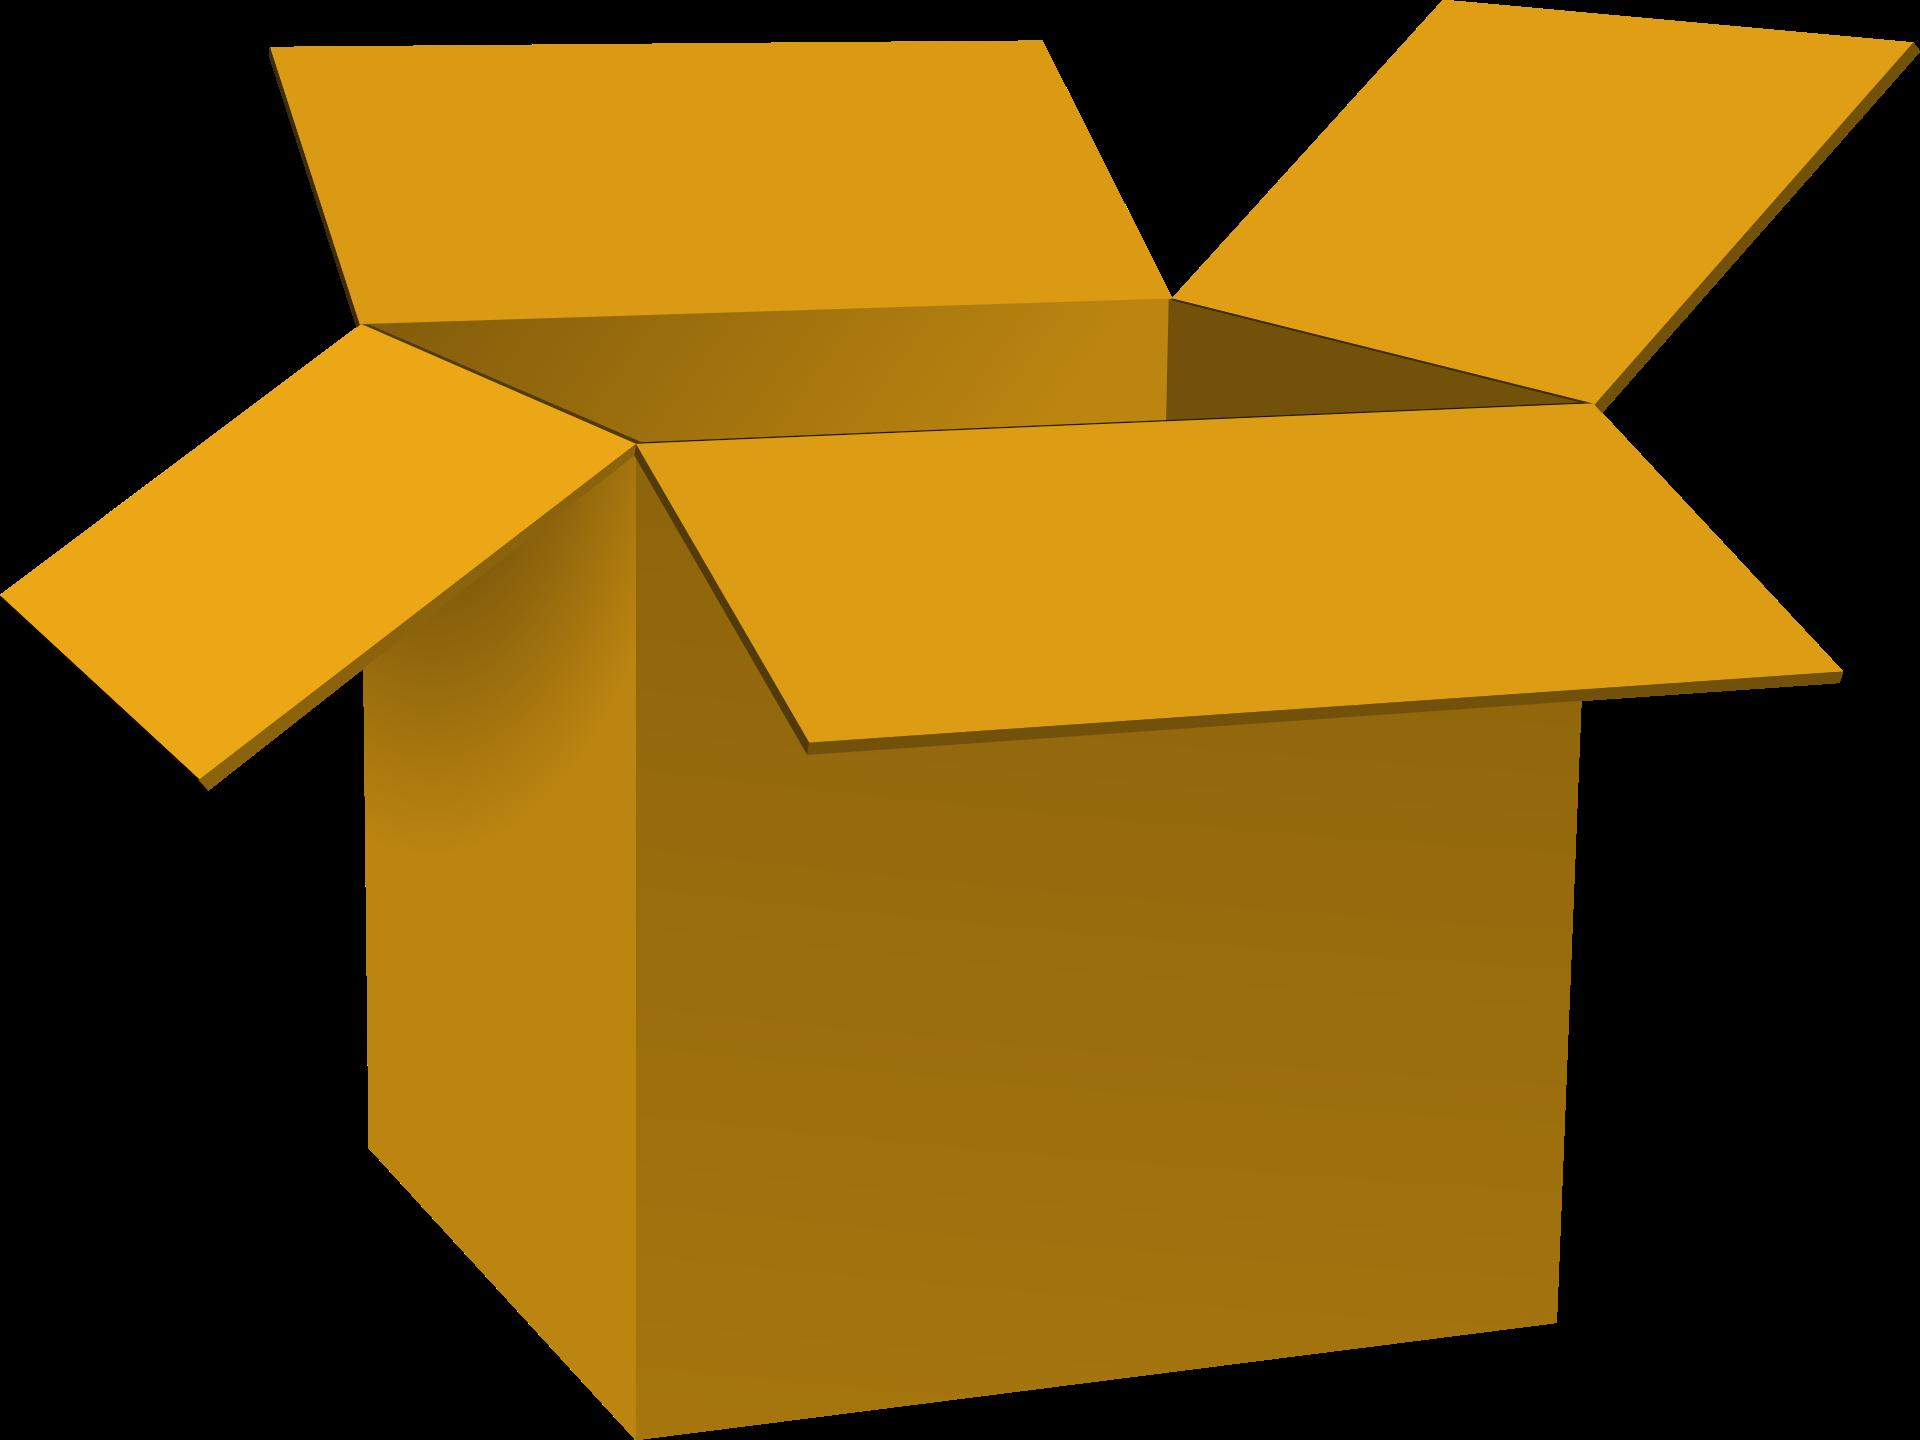 post paket verfolgen ihr paket jederzeit online verfolgen. Black Bedroom Furniture Sets. Home Design Ideas